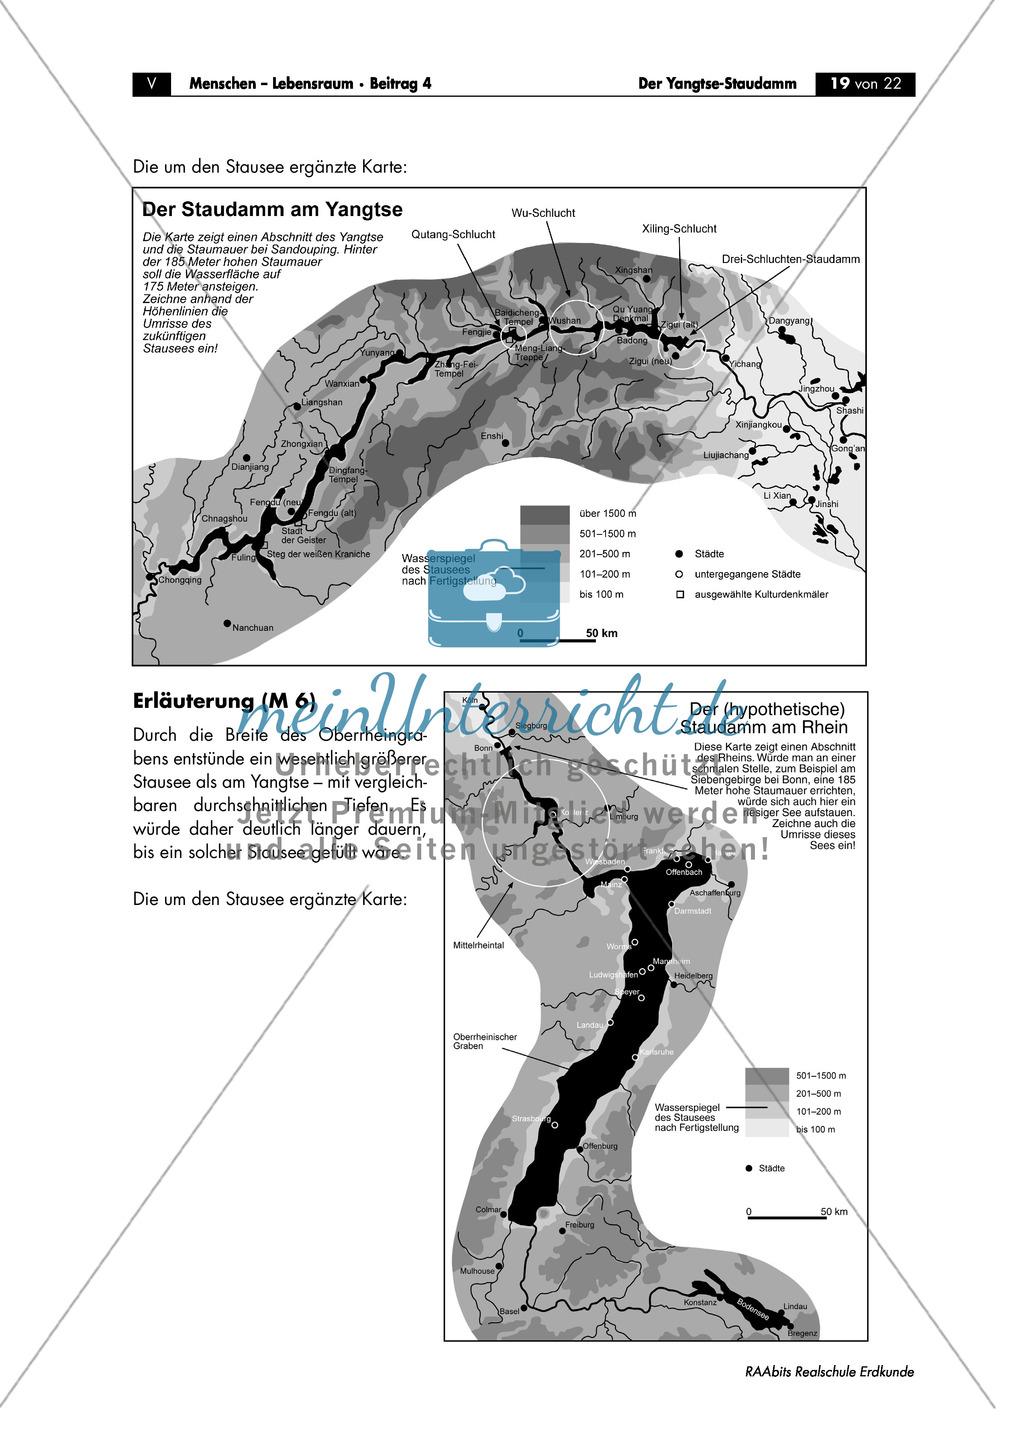 Das Drei-Schluchten-Projekt + der Yangtsestaudamm: Eingriff in den Naturhaushalt Preview 6